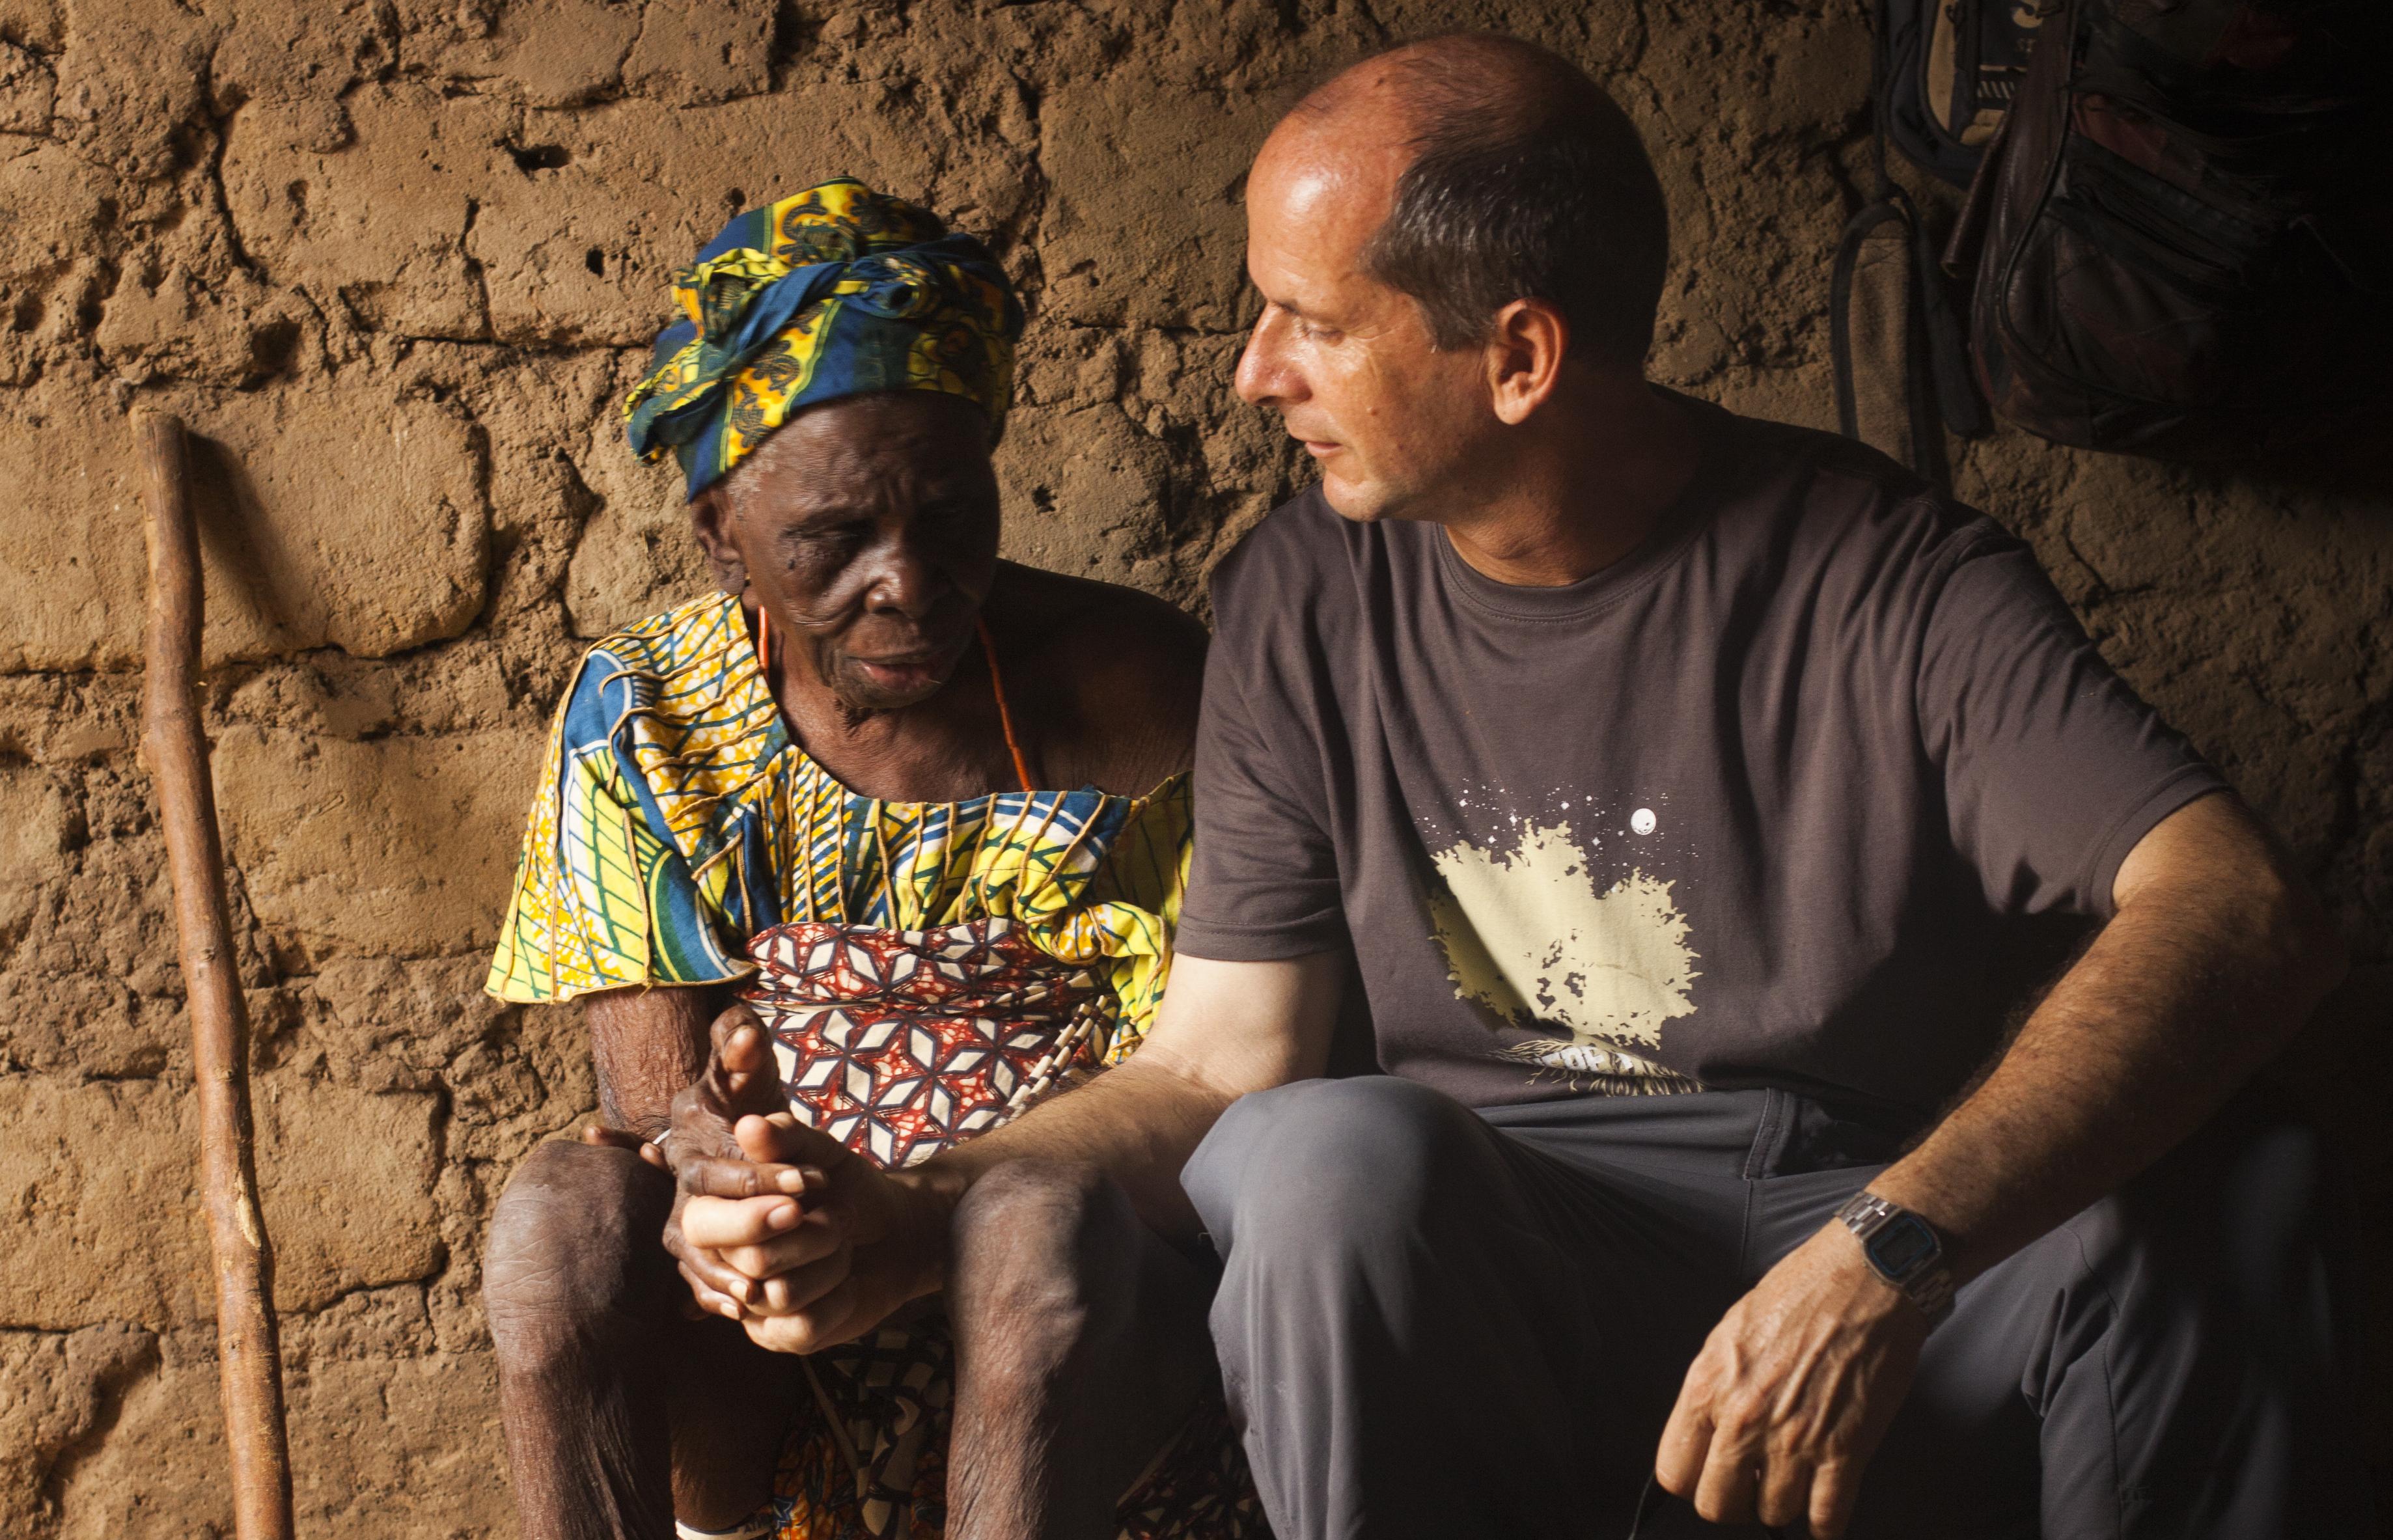 Juan Pablo López Mendía acompaña a una anciana en Benín © Diego Ruiz Quemada